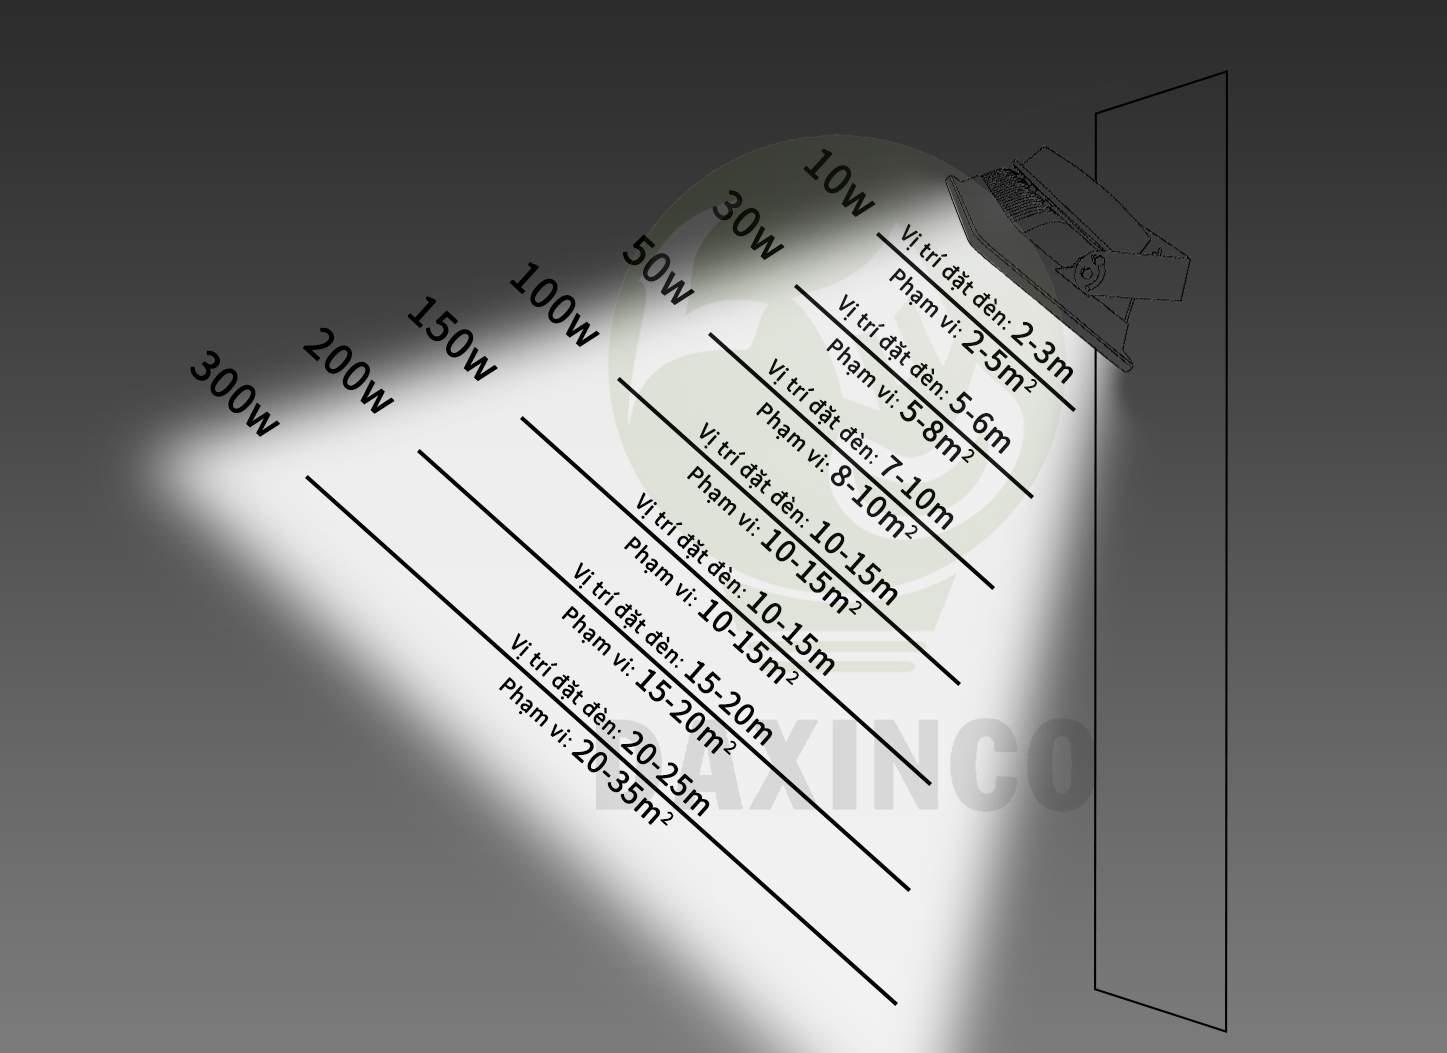 Hướng dẫn lựa chọn đèn pha led dựa theo vị trí lắp đặt và công suất đèn led